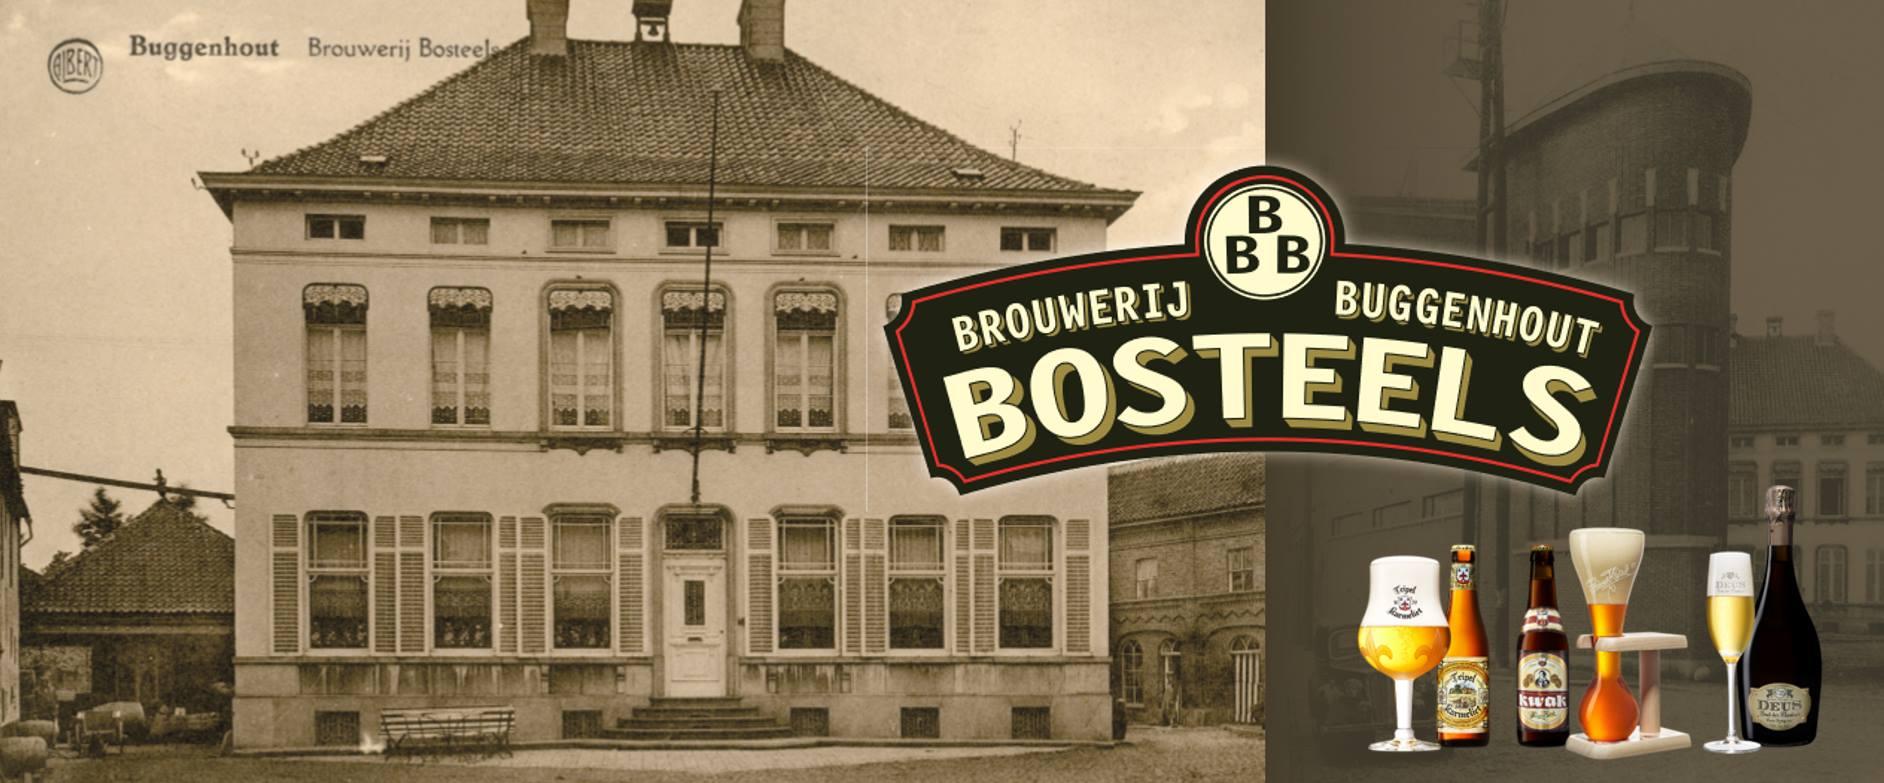 Brasserie Bosteels et ses bières